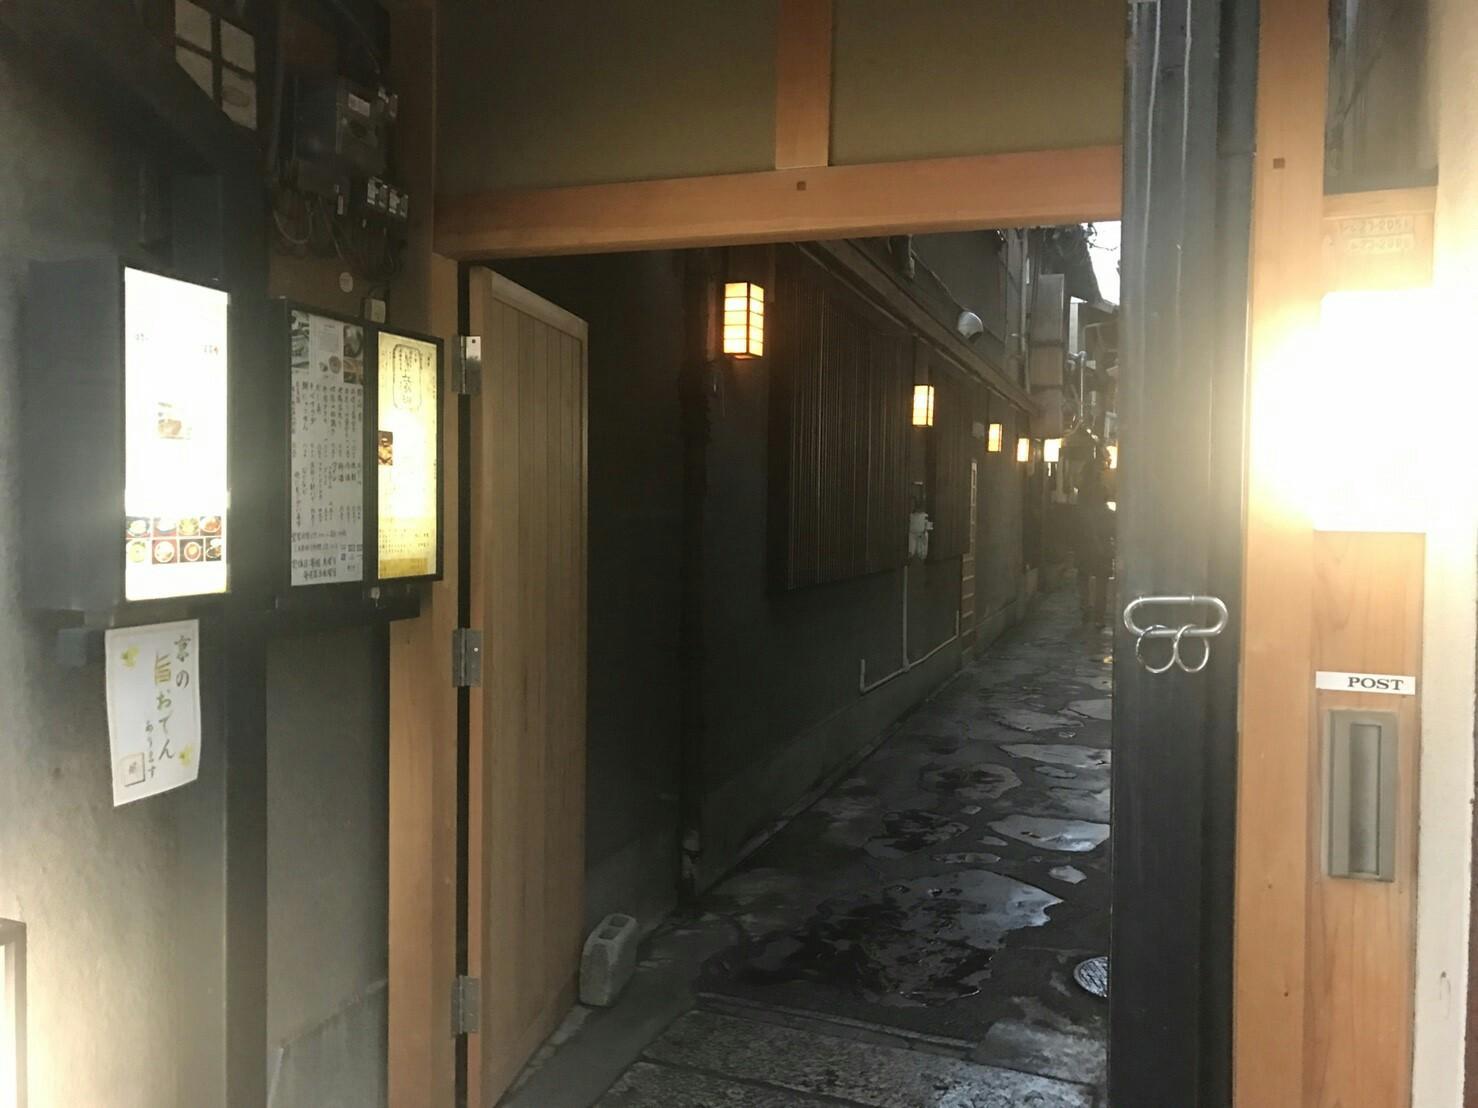 f:id:shiika-0620:20170130174600j:image